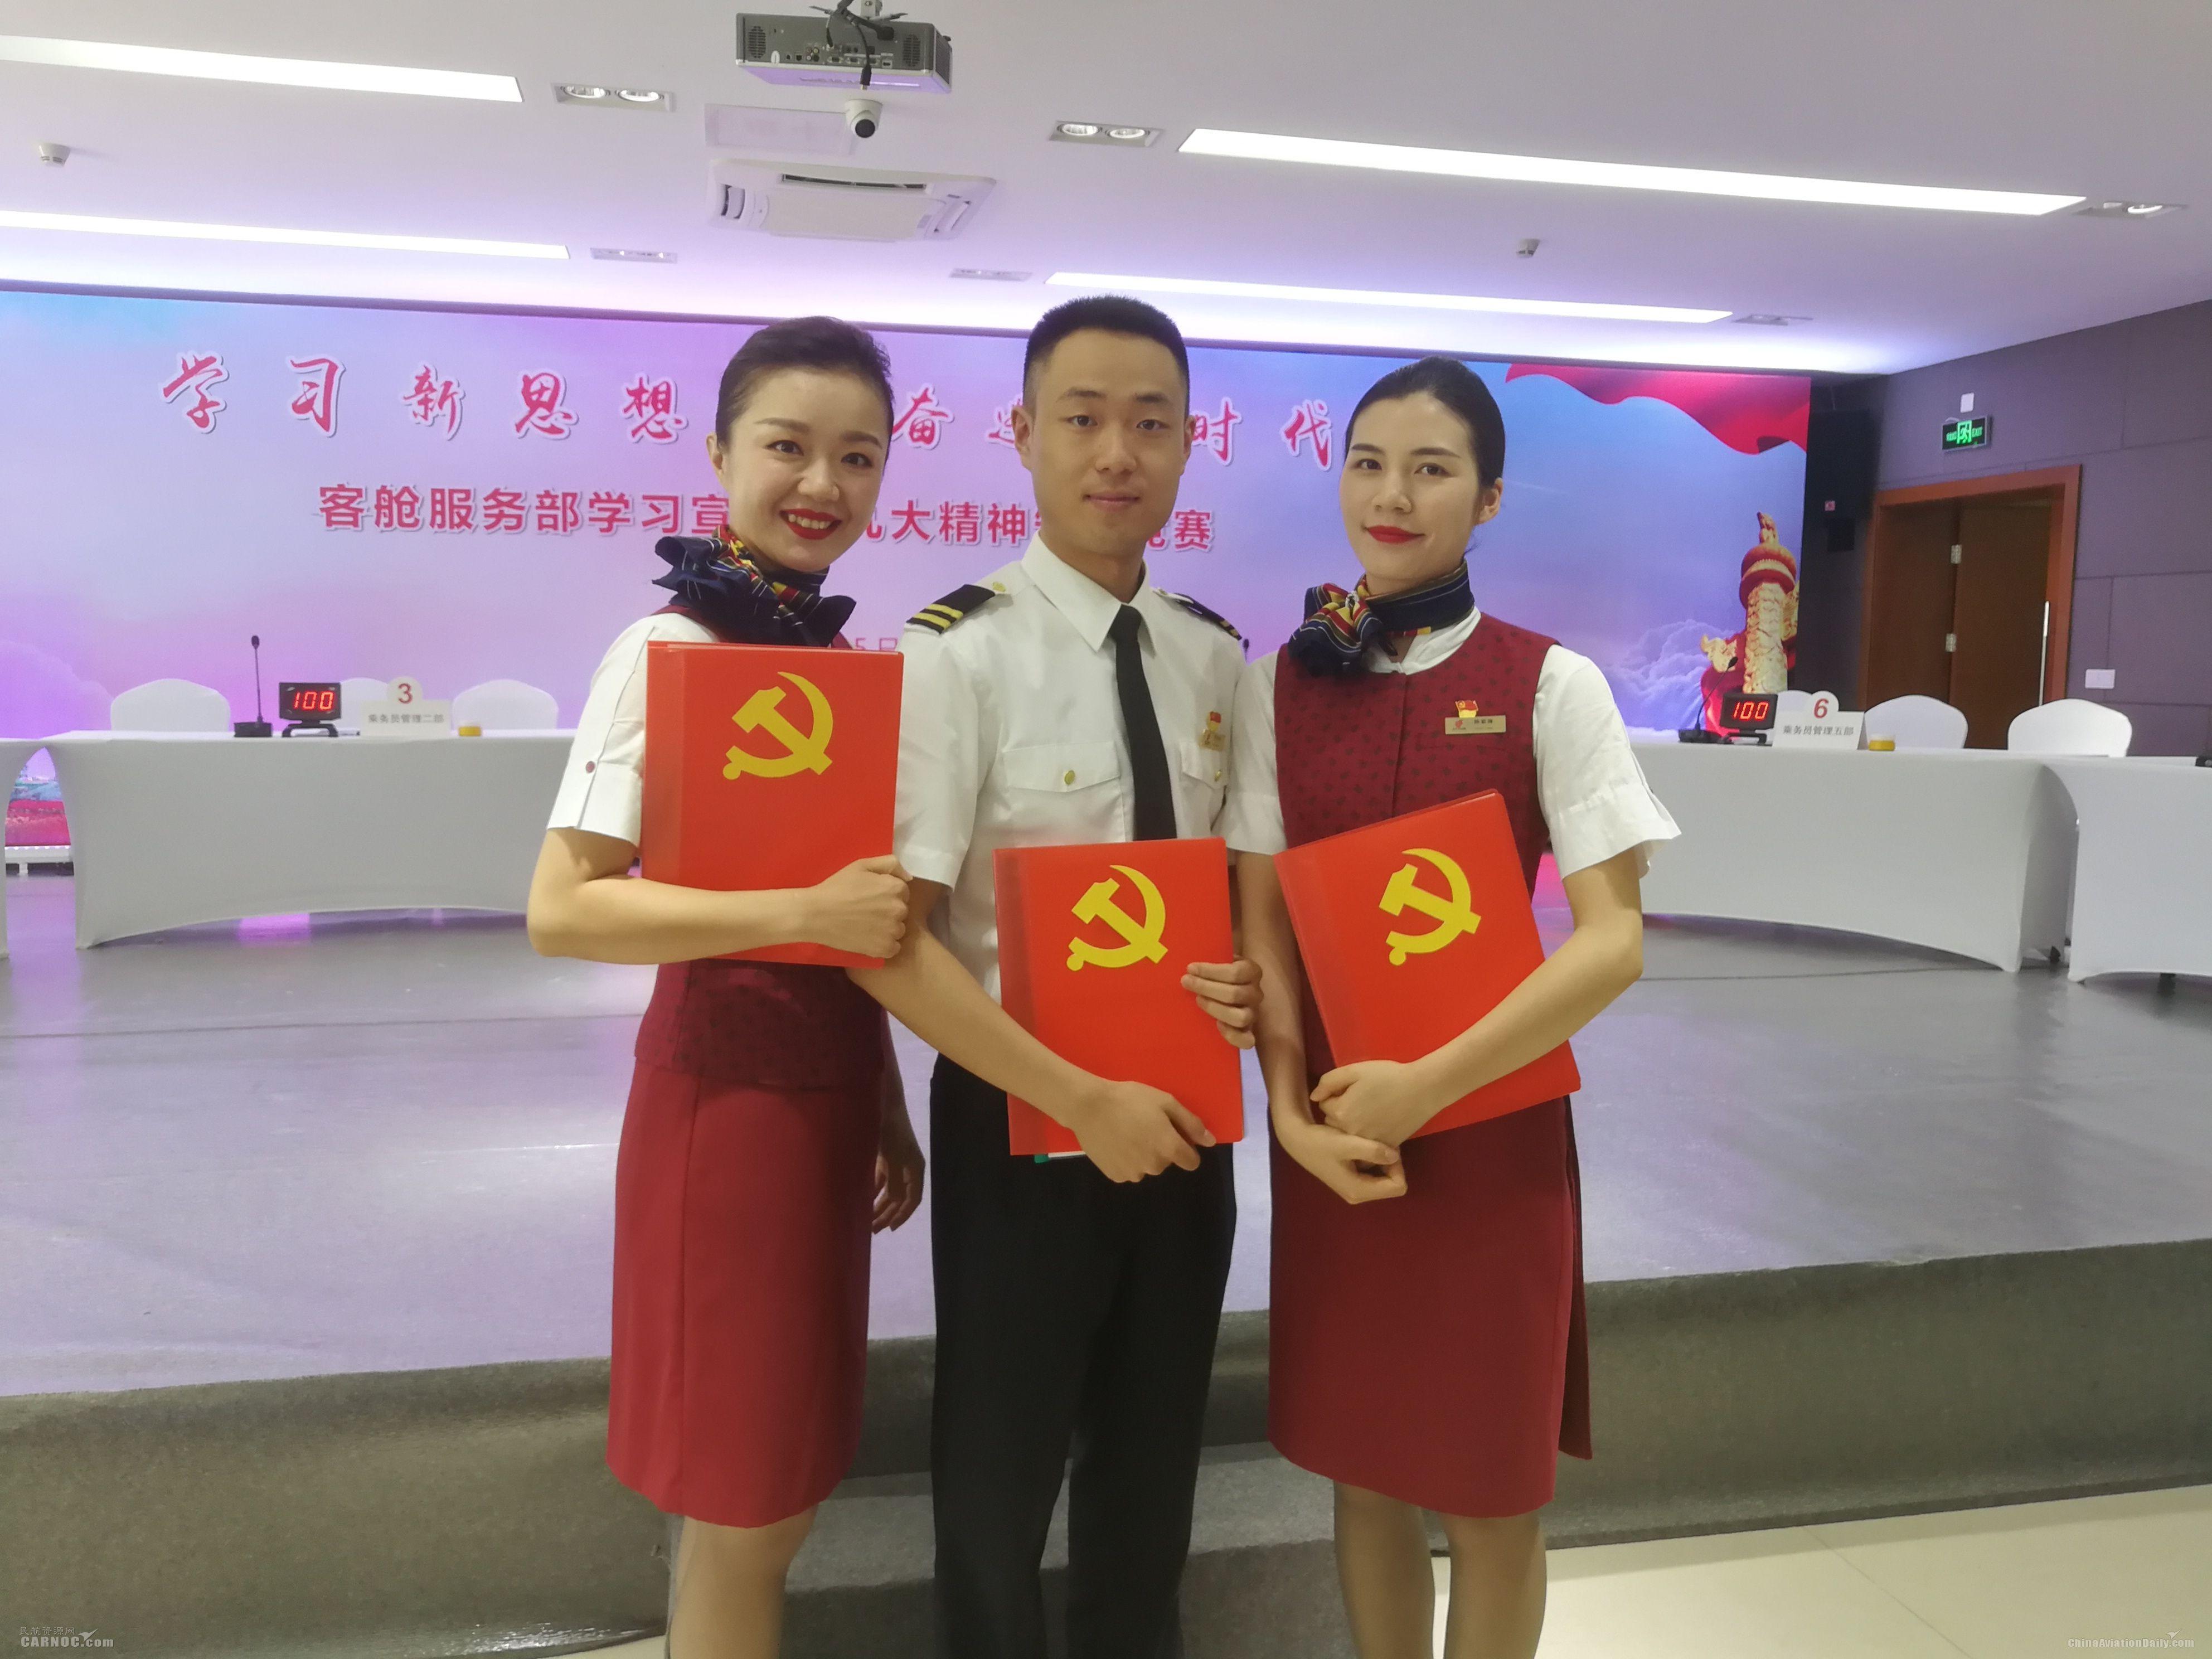 阳光小伙蓝天梦—记国航西南优秀党员罗李阳